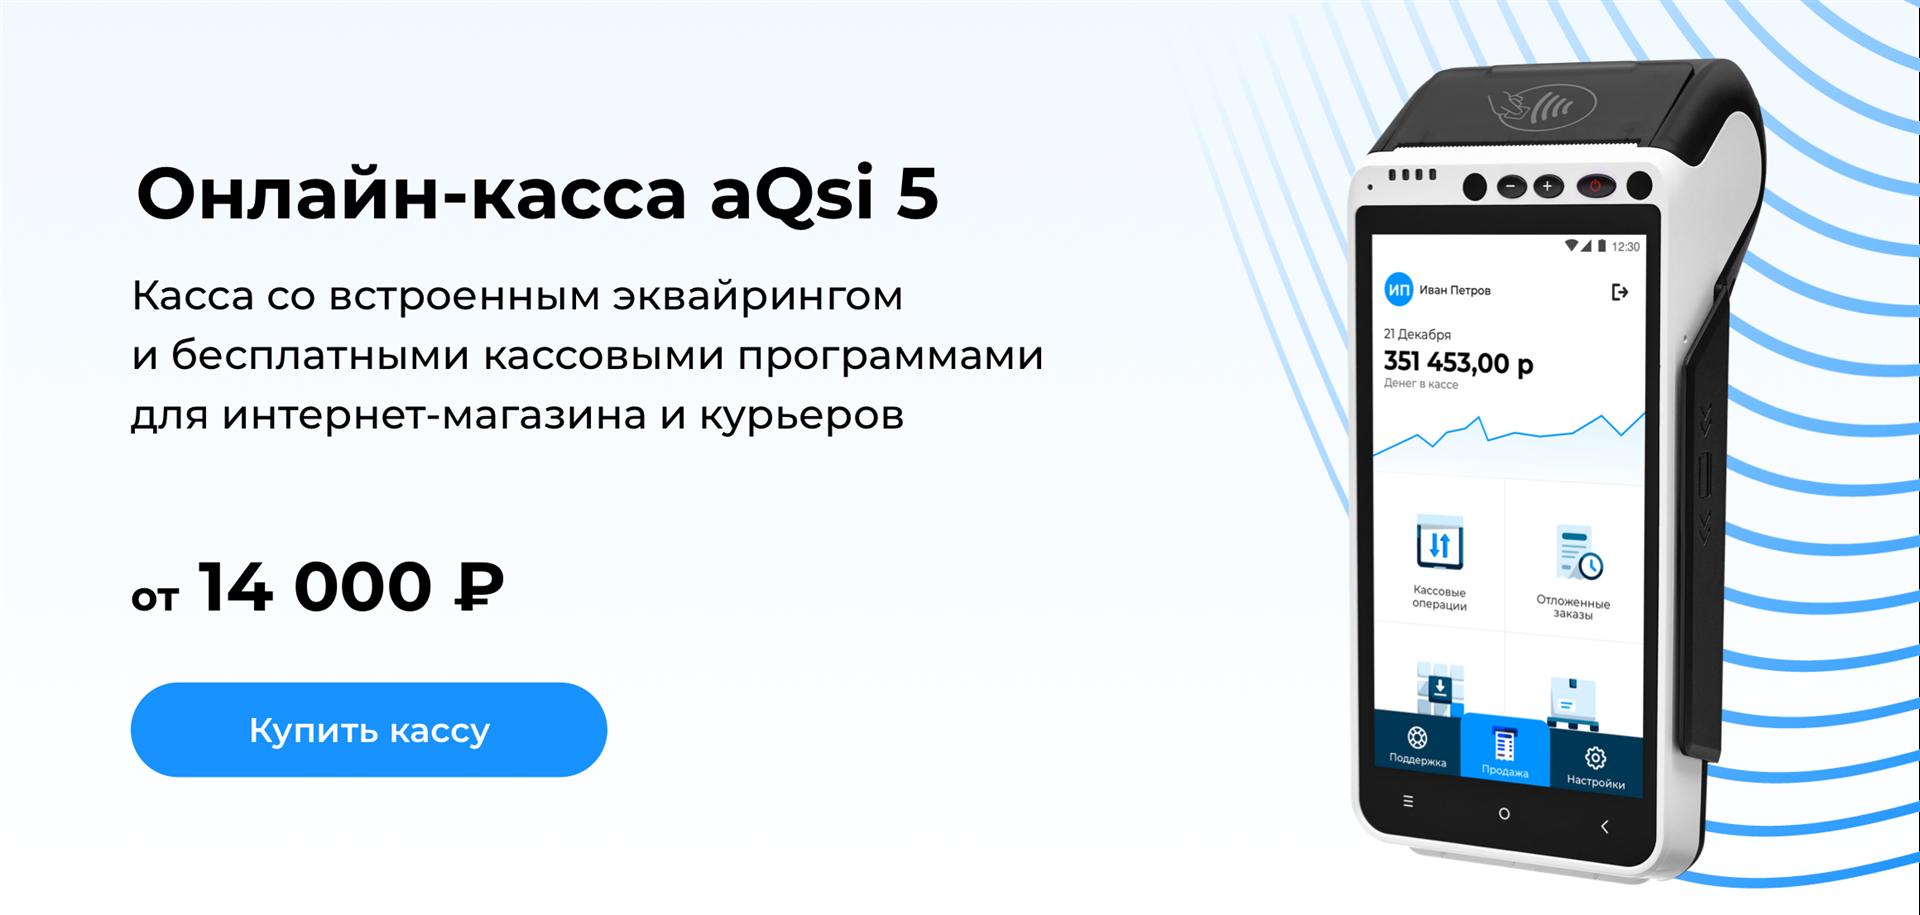 Онлайн-касса aQsi 5